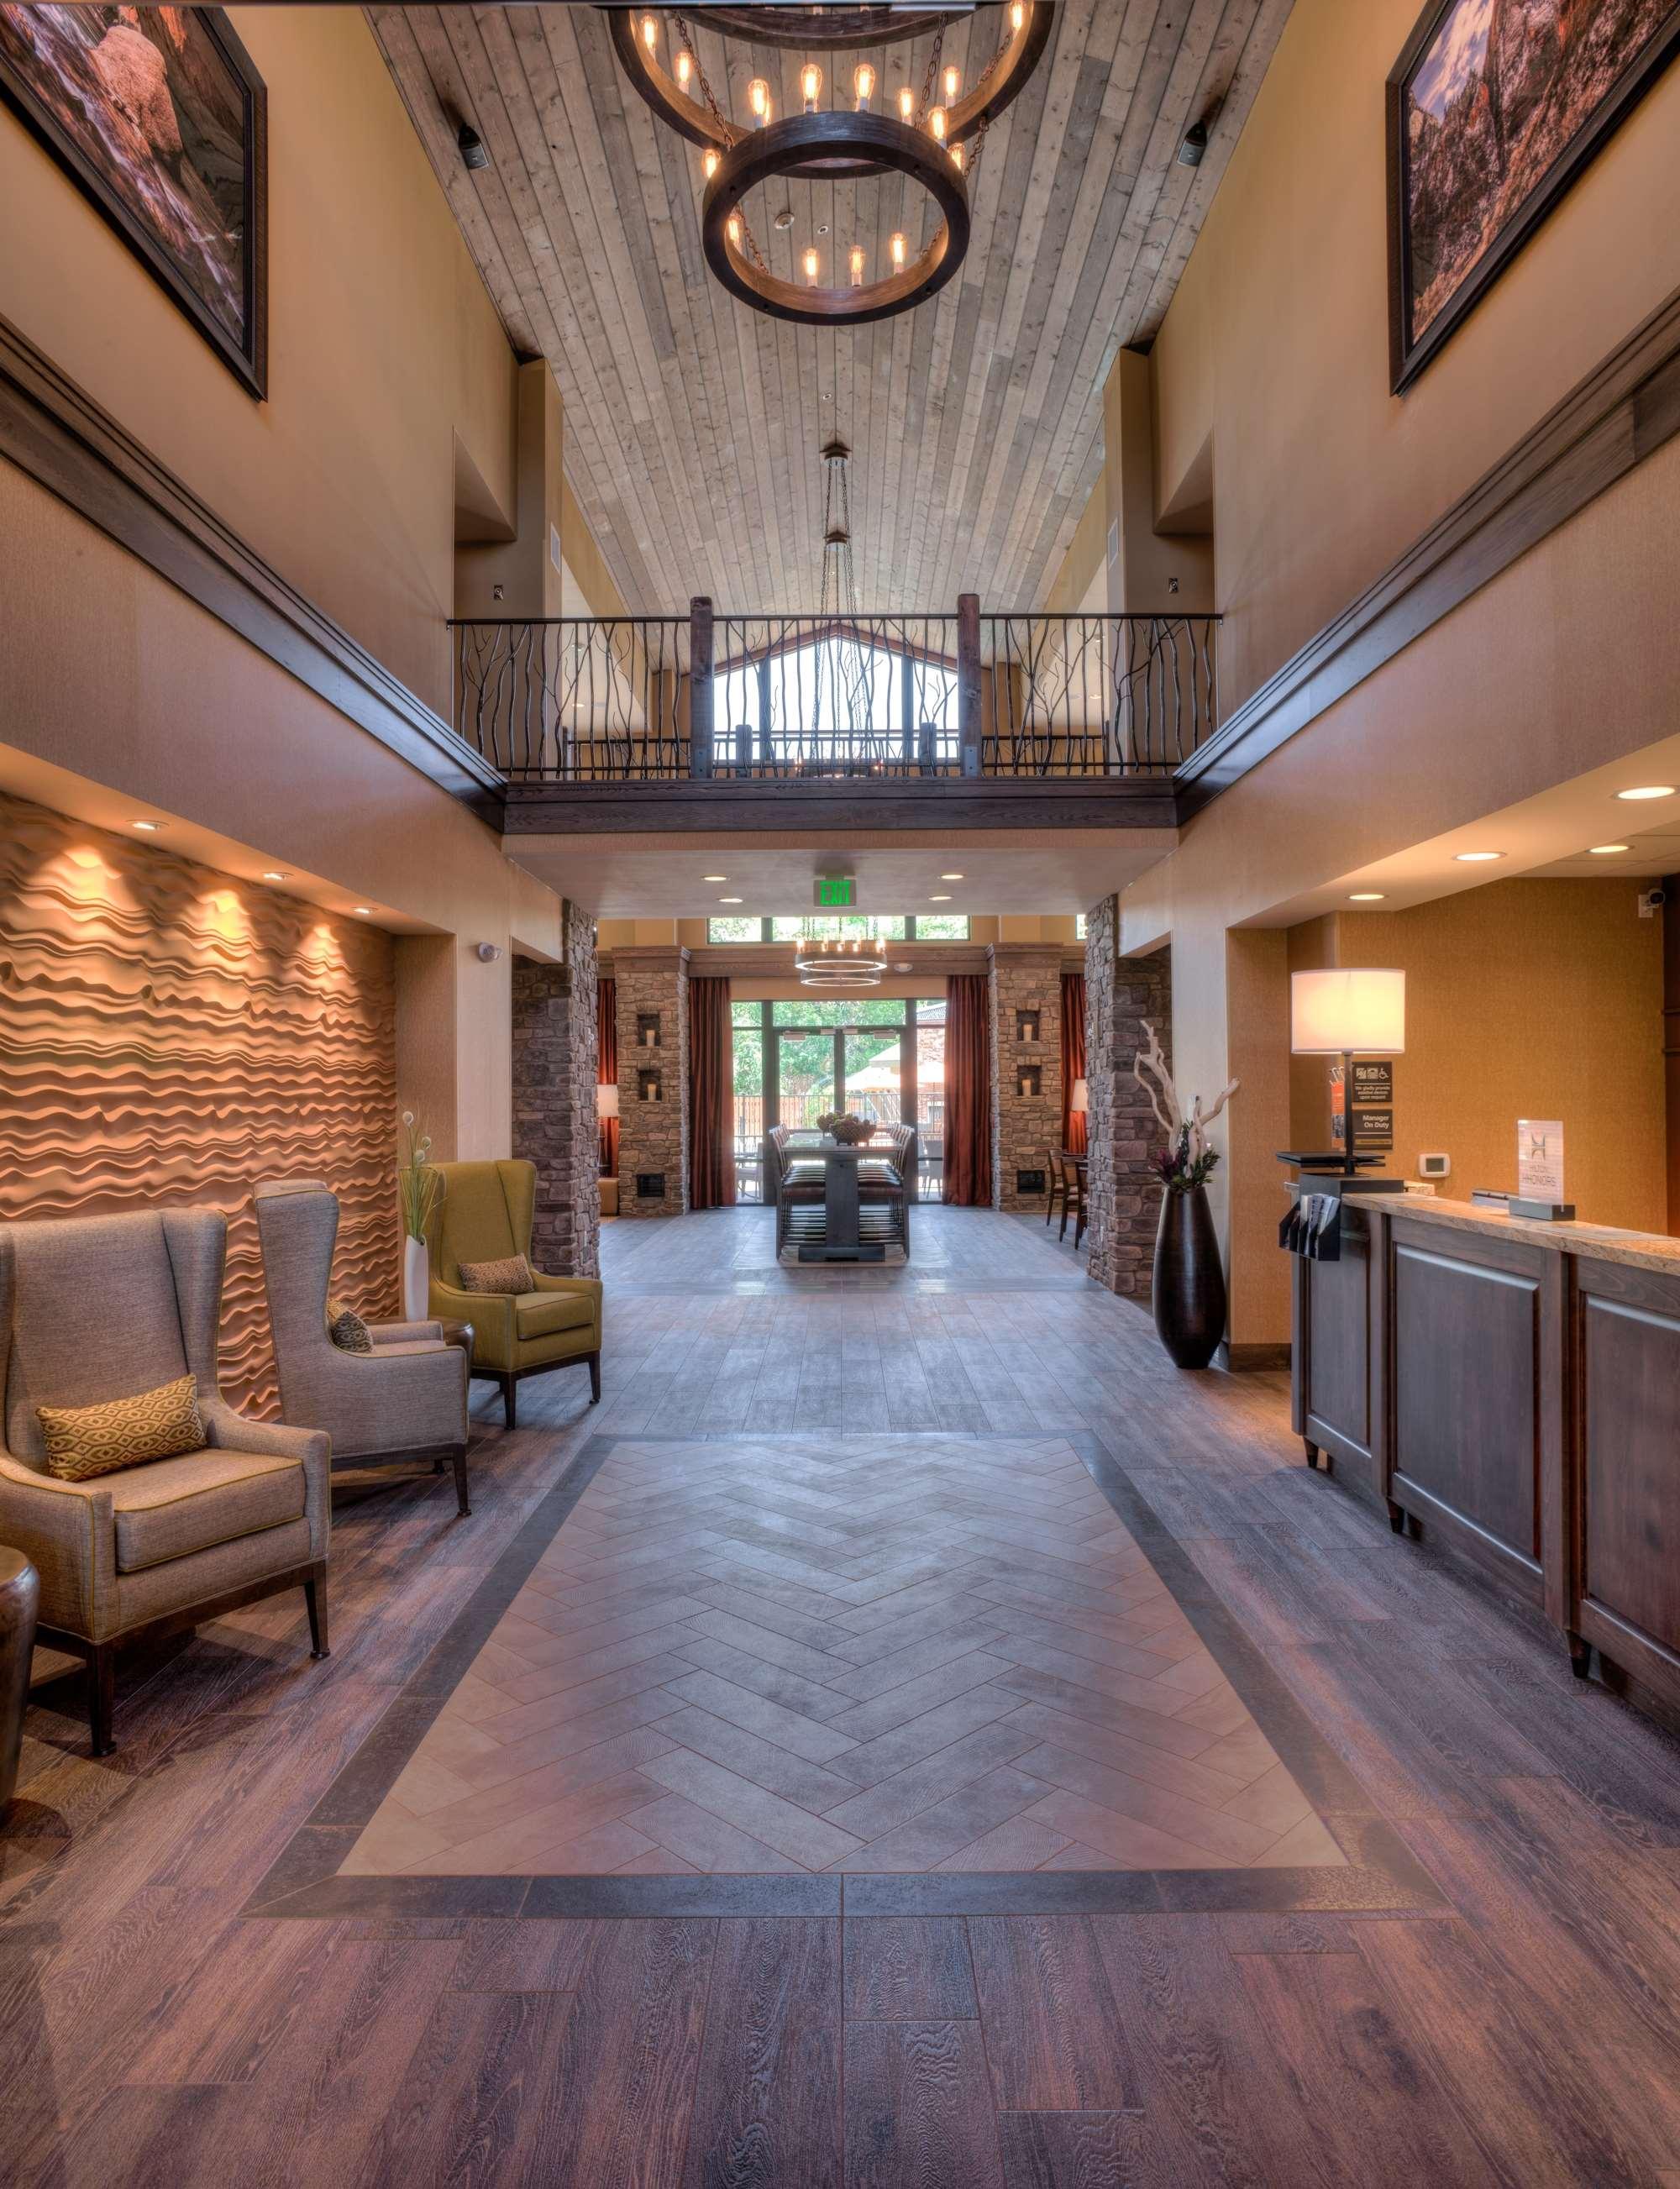 Hampton Inn & Suites Springdale/Zion National Park image 8